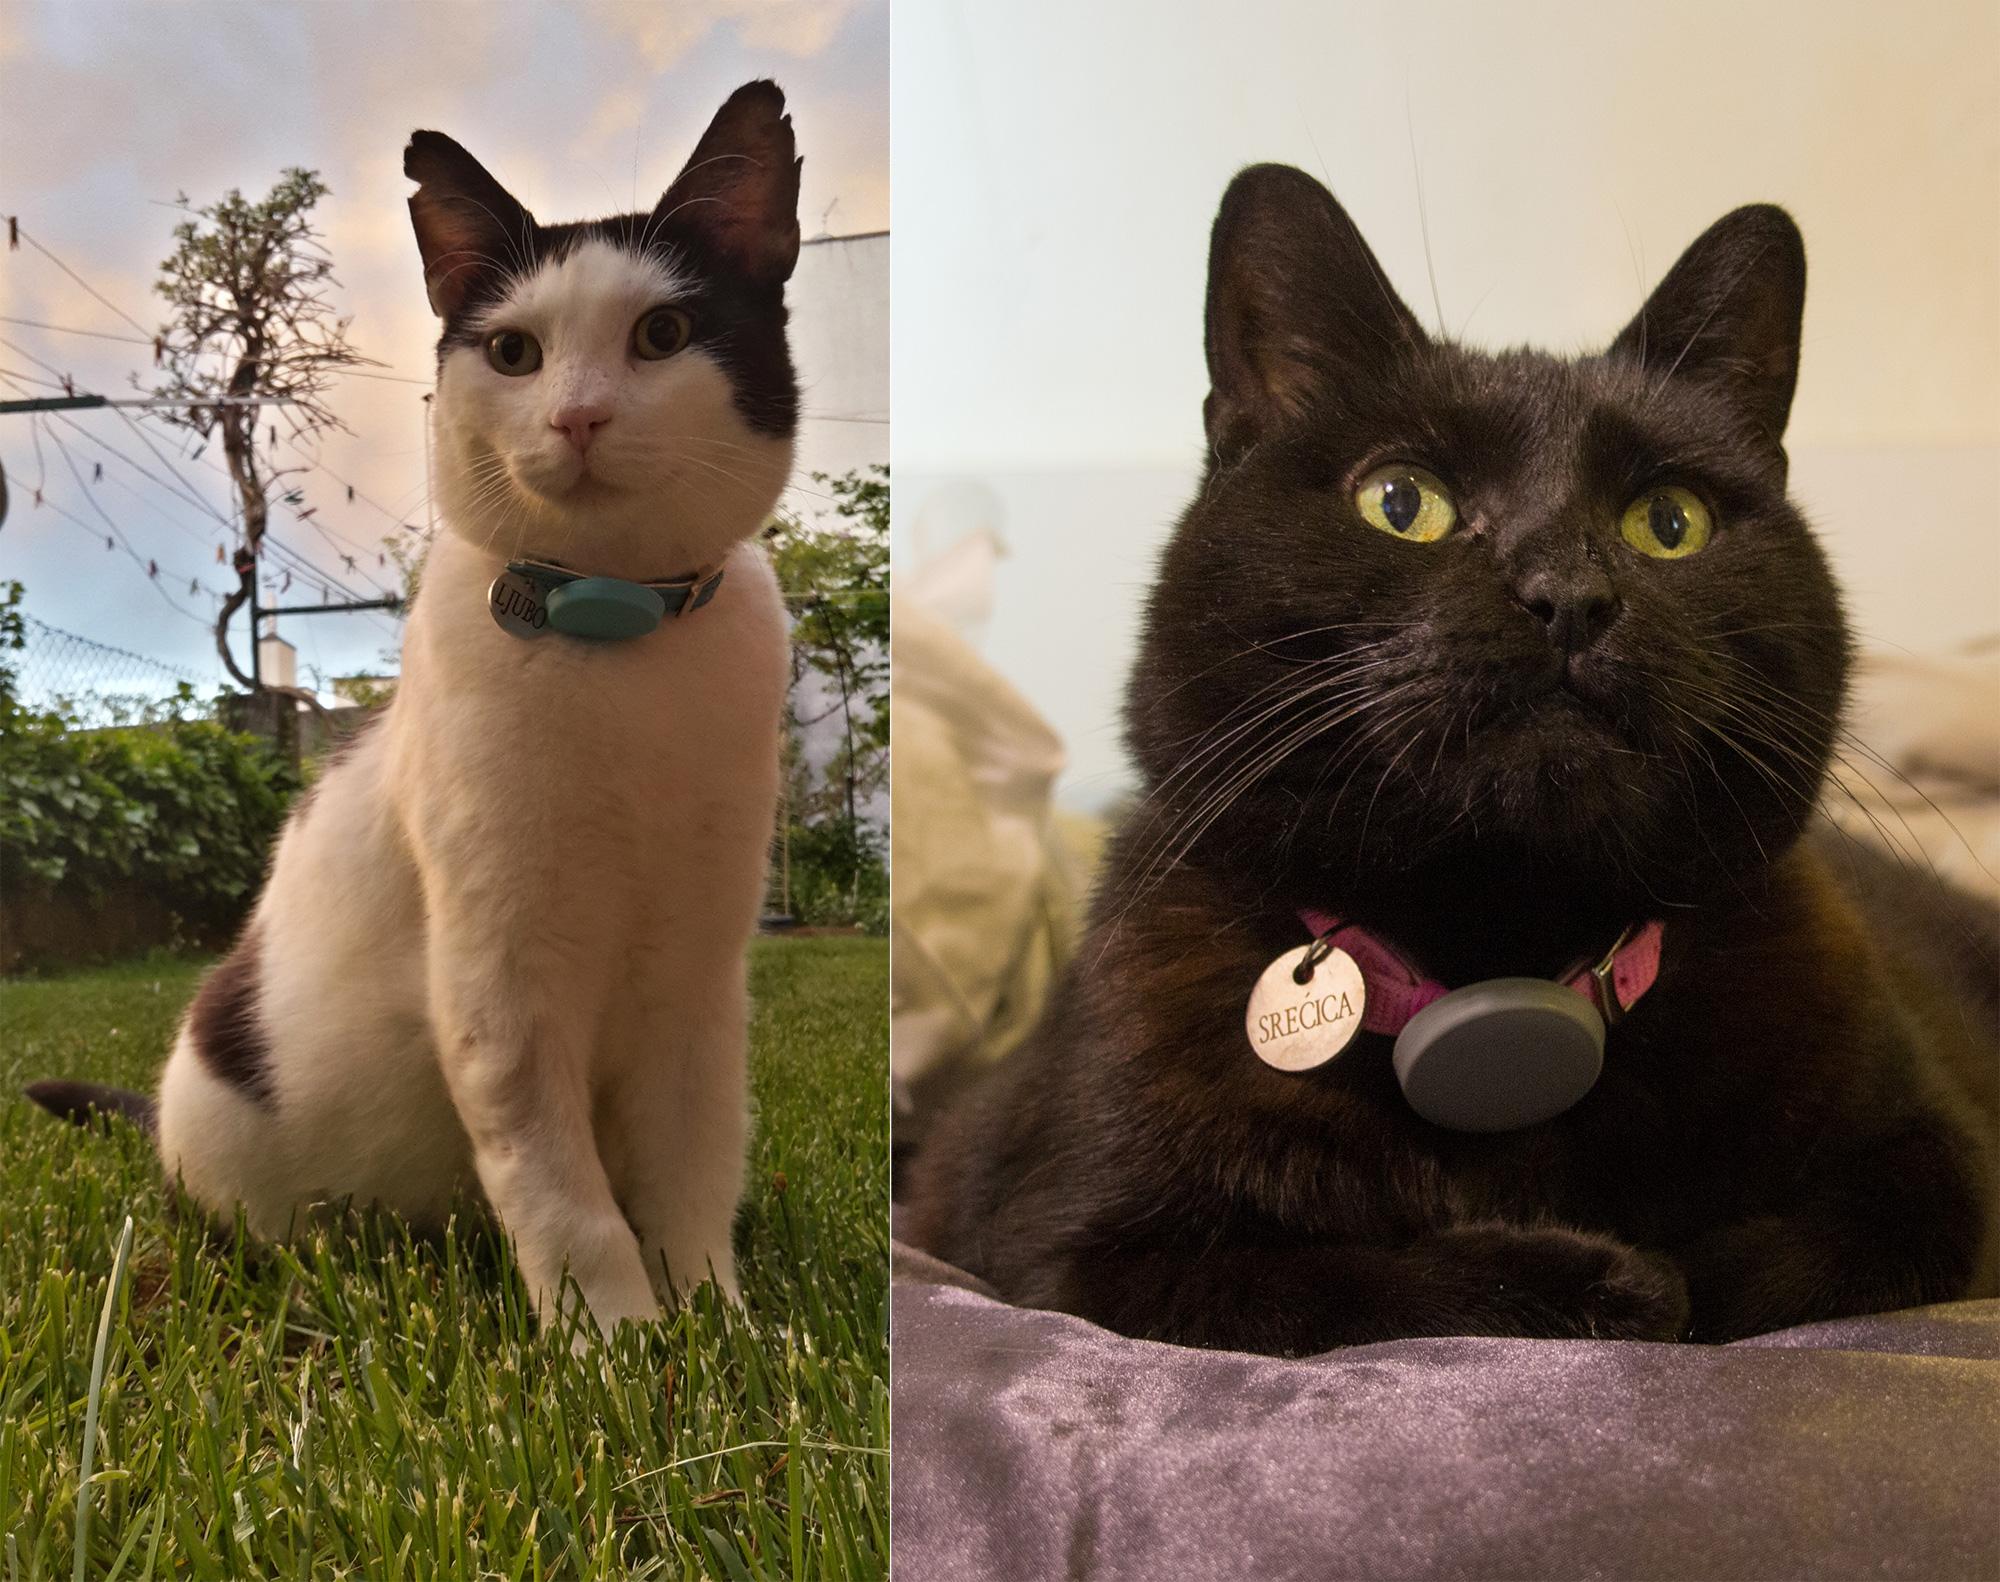 Ljubo and Srecica the cats